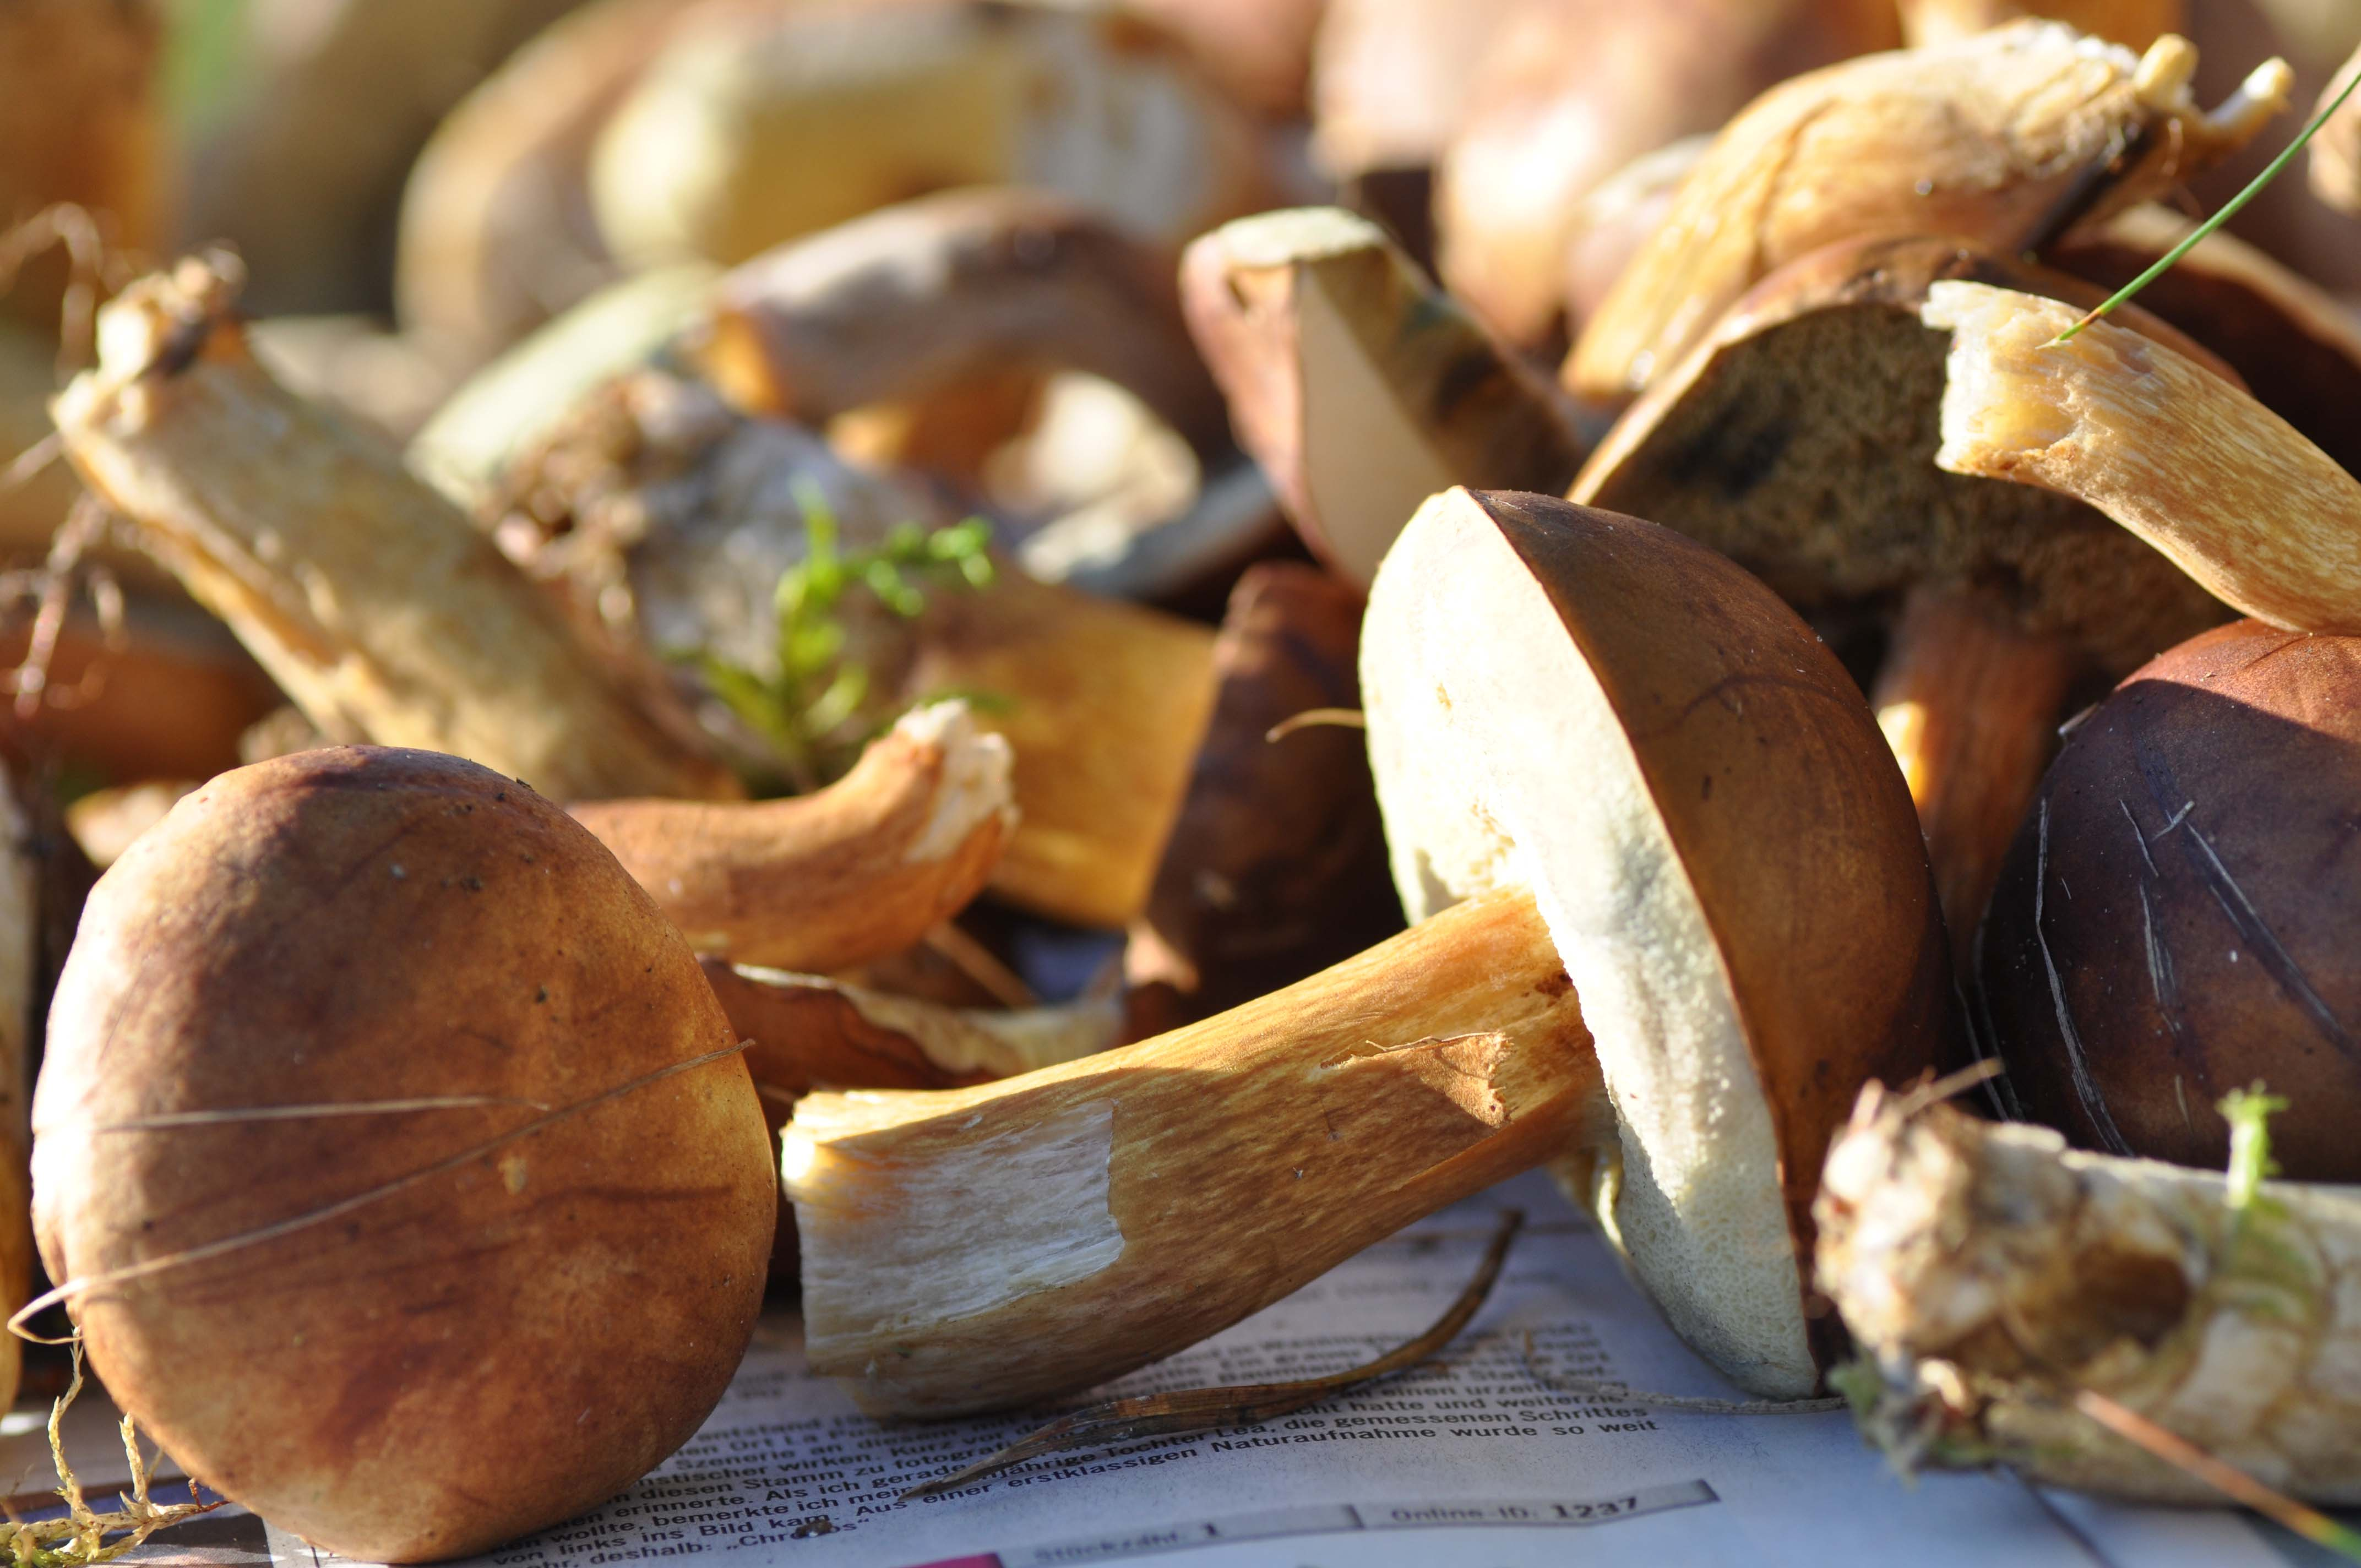 wild mushroomsII